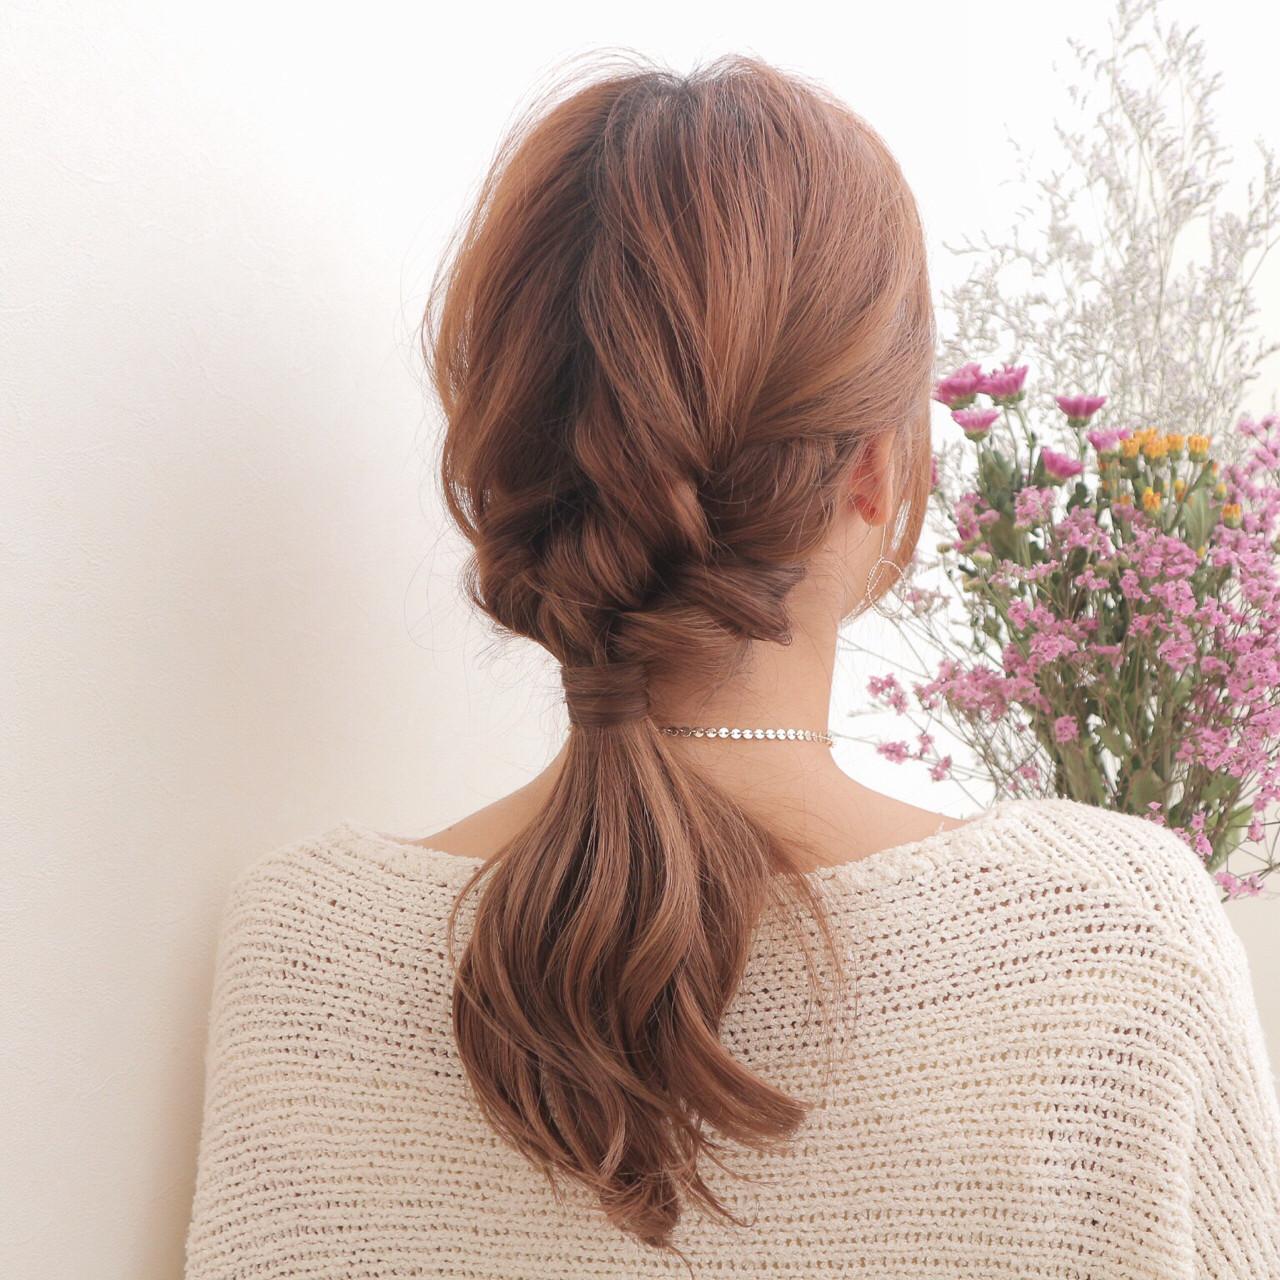 ショート こなれ感 ポニーテール 三つ編み ヘアスタイルや髪型の写真・画像 | 桑村亮太/CALIF hair store / 函館/CALIF hair store/キャリフ ヘアストア